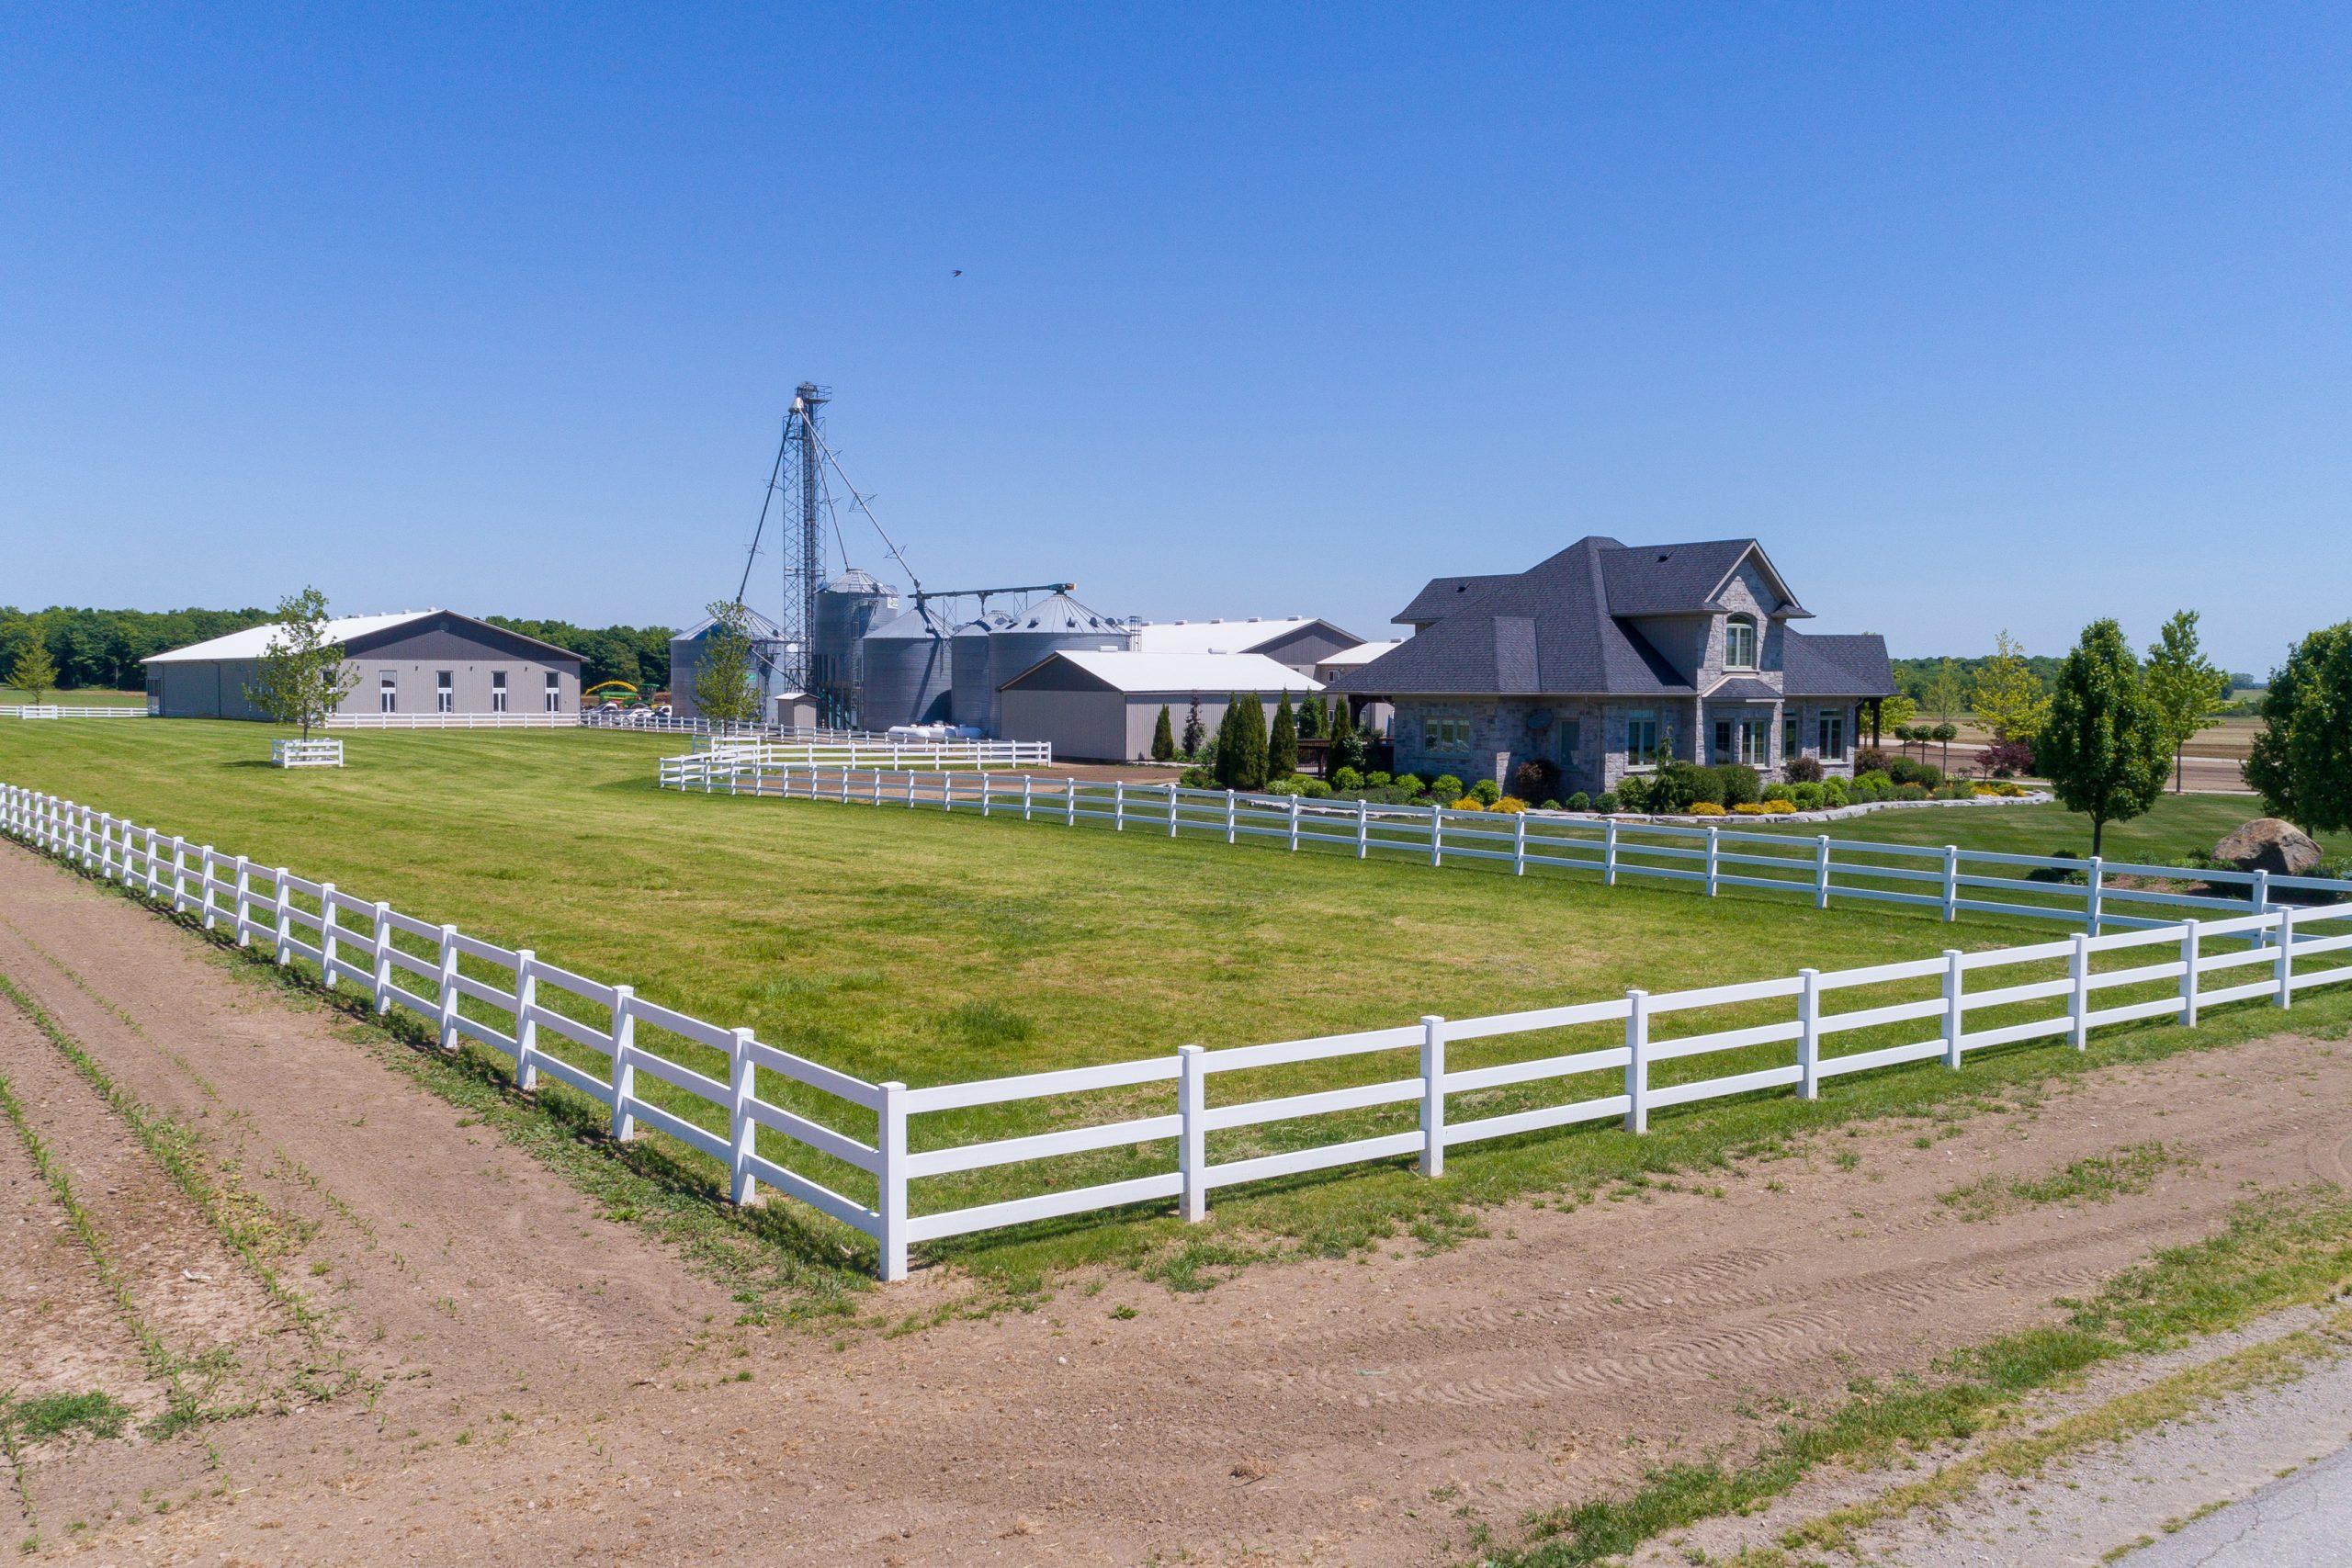 Vinyl fencing - In-Line Fence Premier Fencing Contractor in Ontario